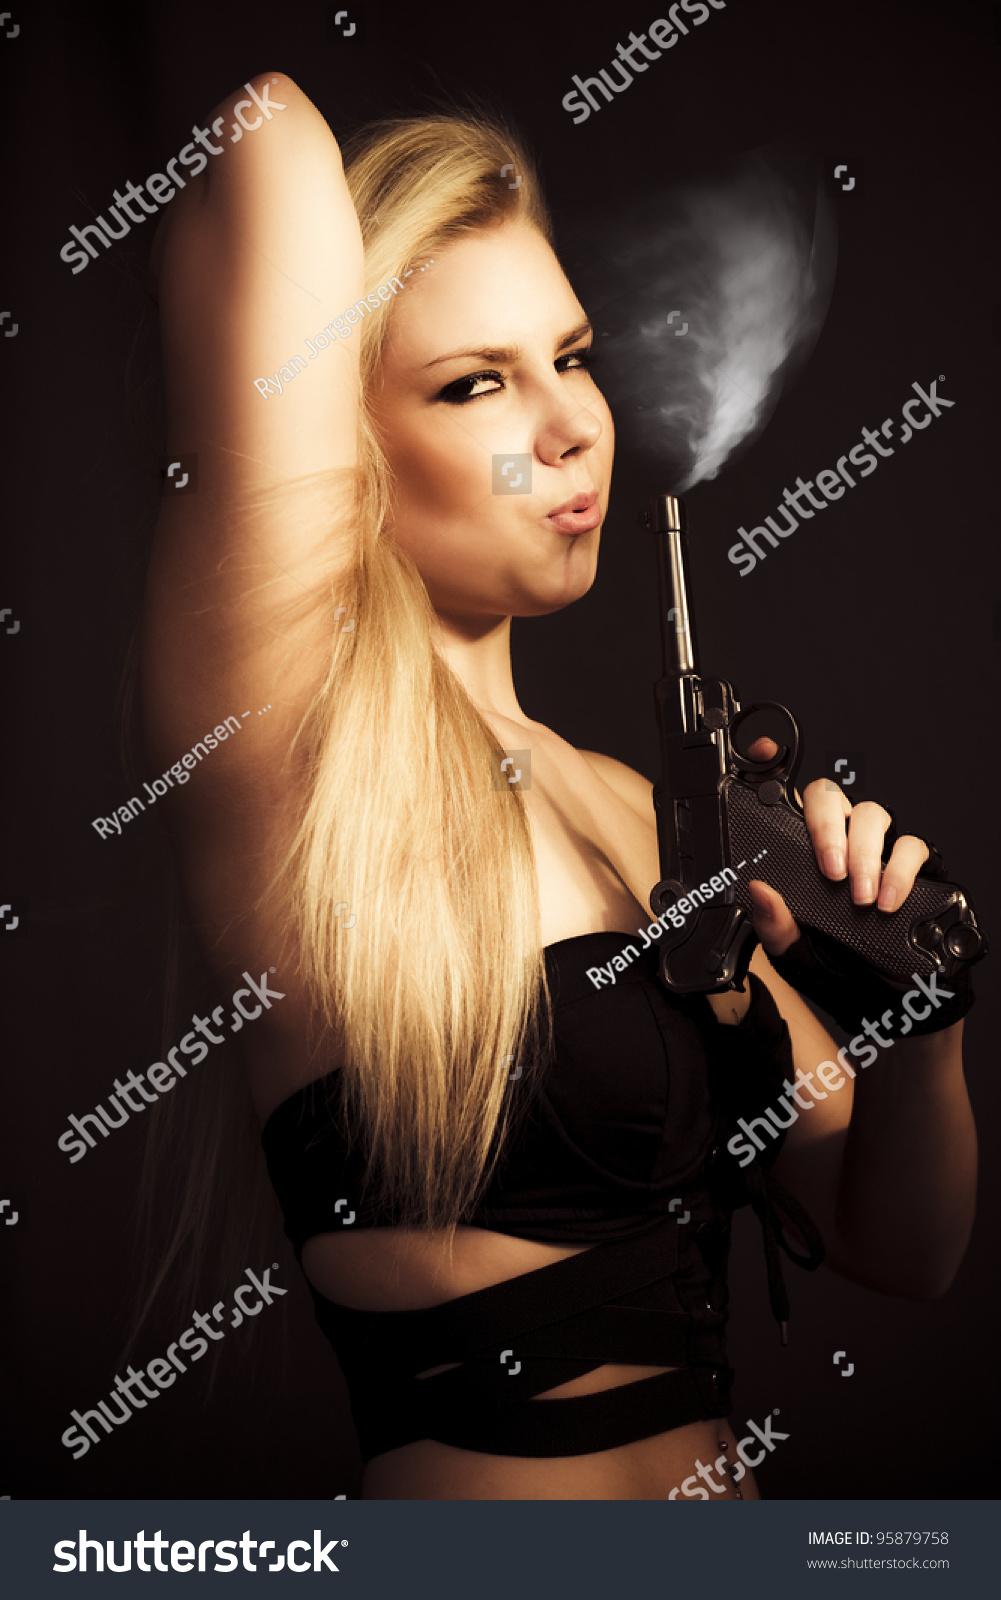 Фото девушка дует дым